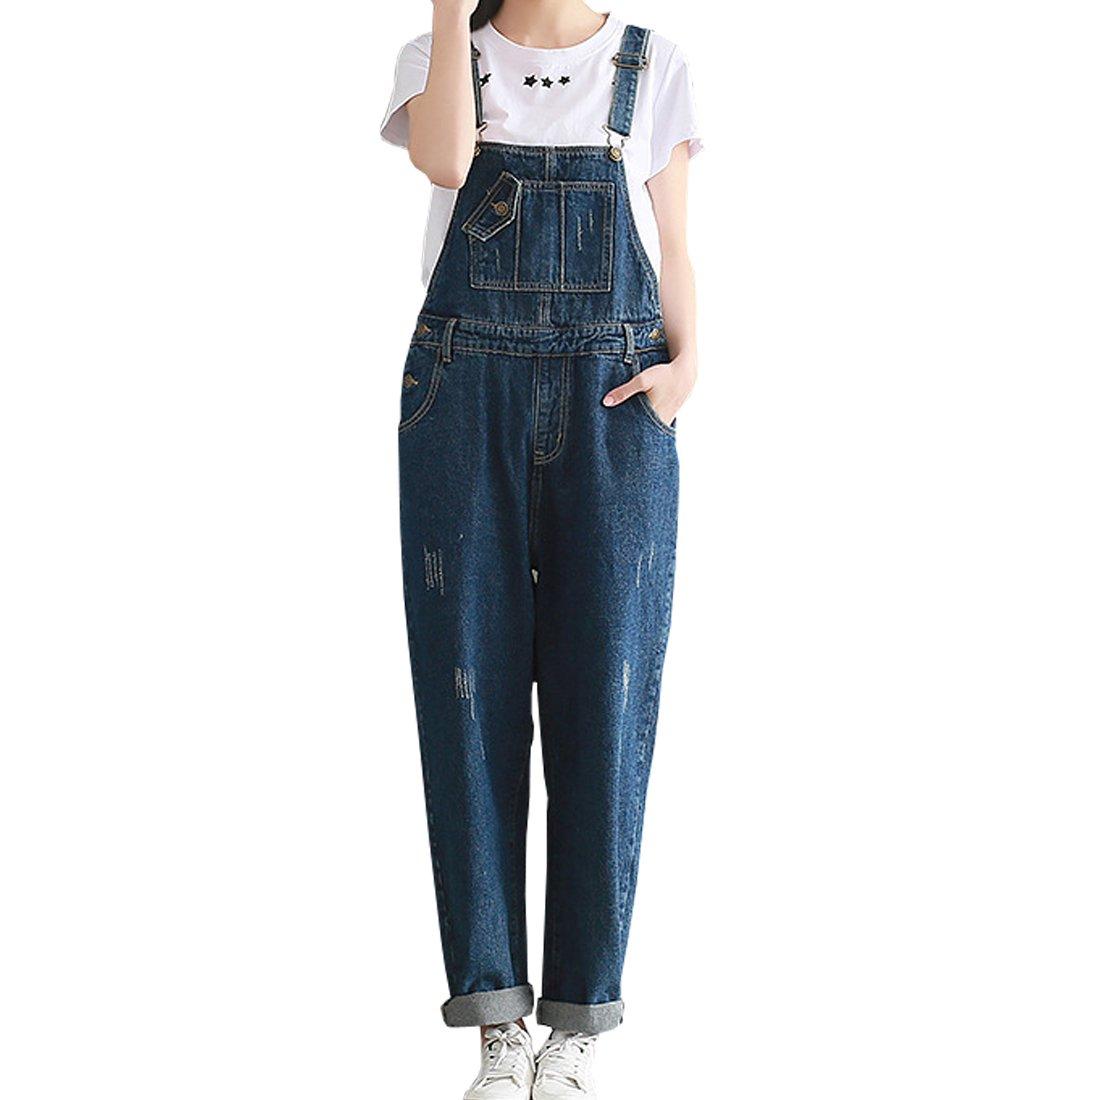 SiDiOU Group Donna Salopette Jeans Pantaloni di tuta di Harem dei pantaloni  del denim dei pantaloni 84724b82afd6